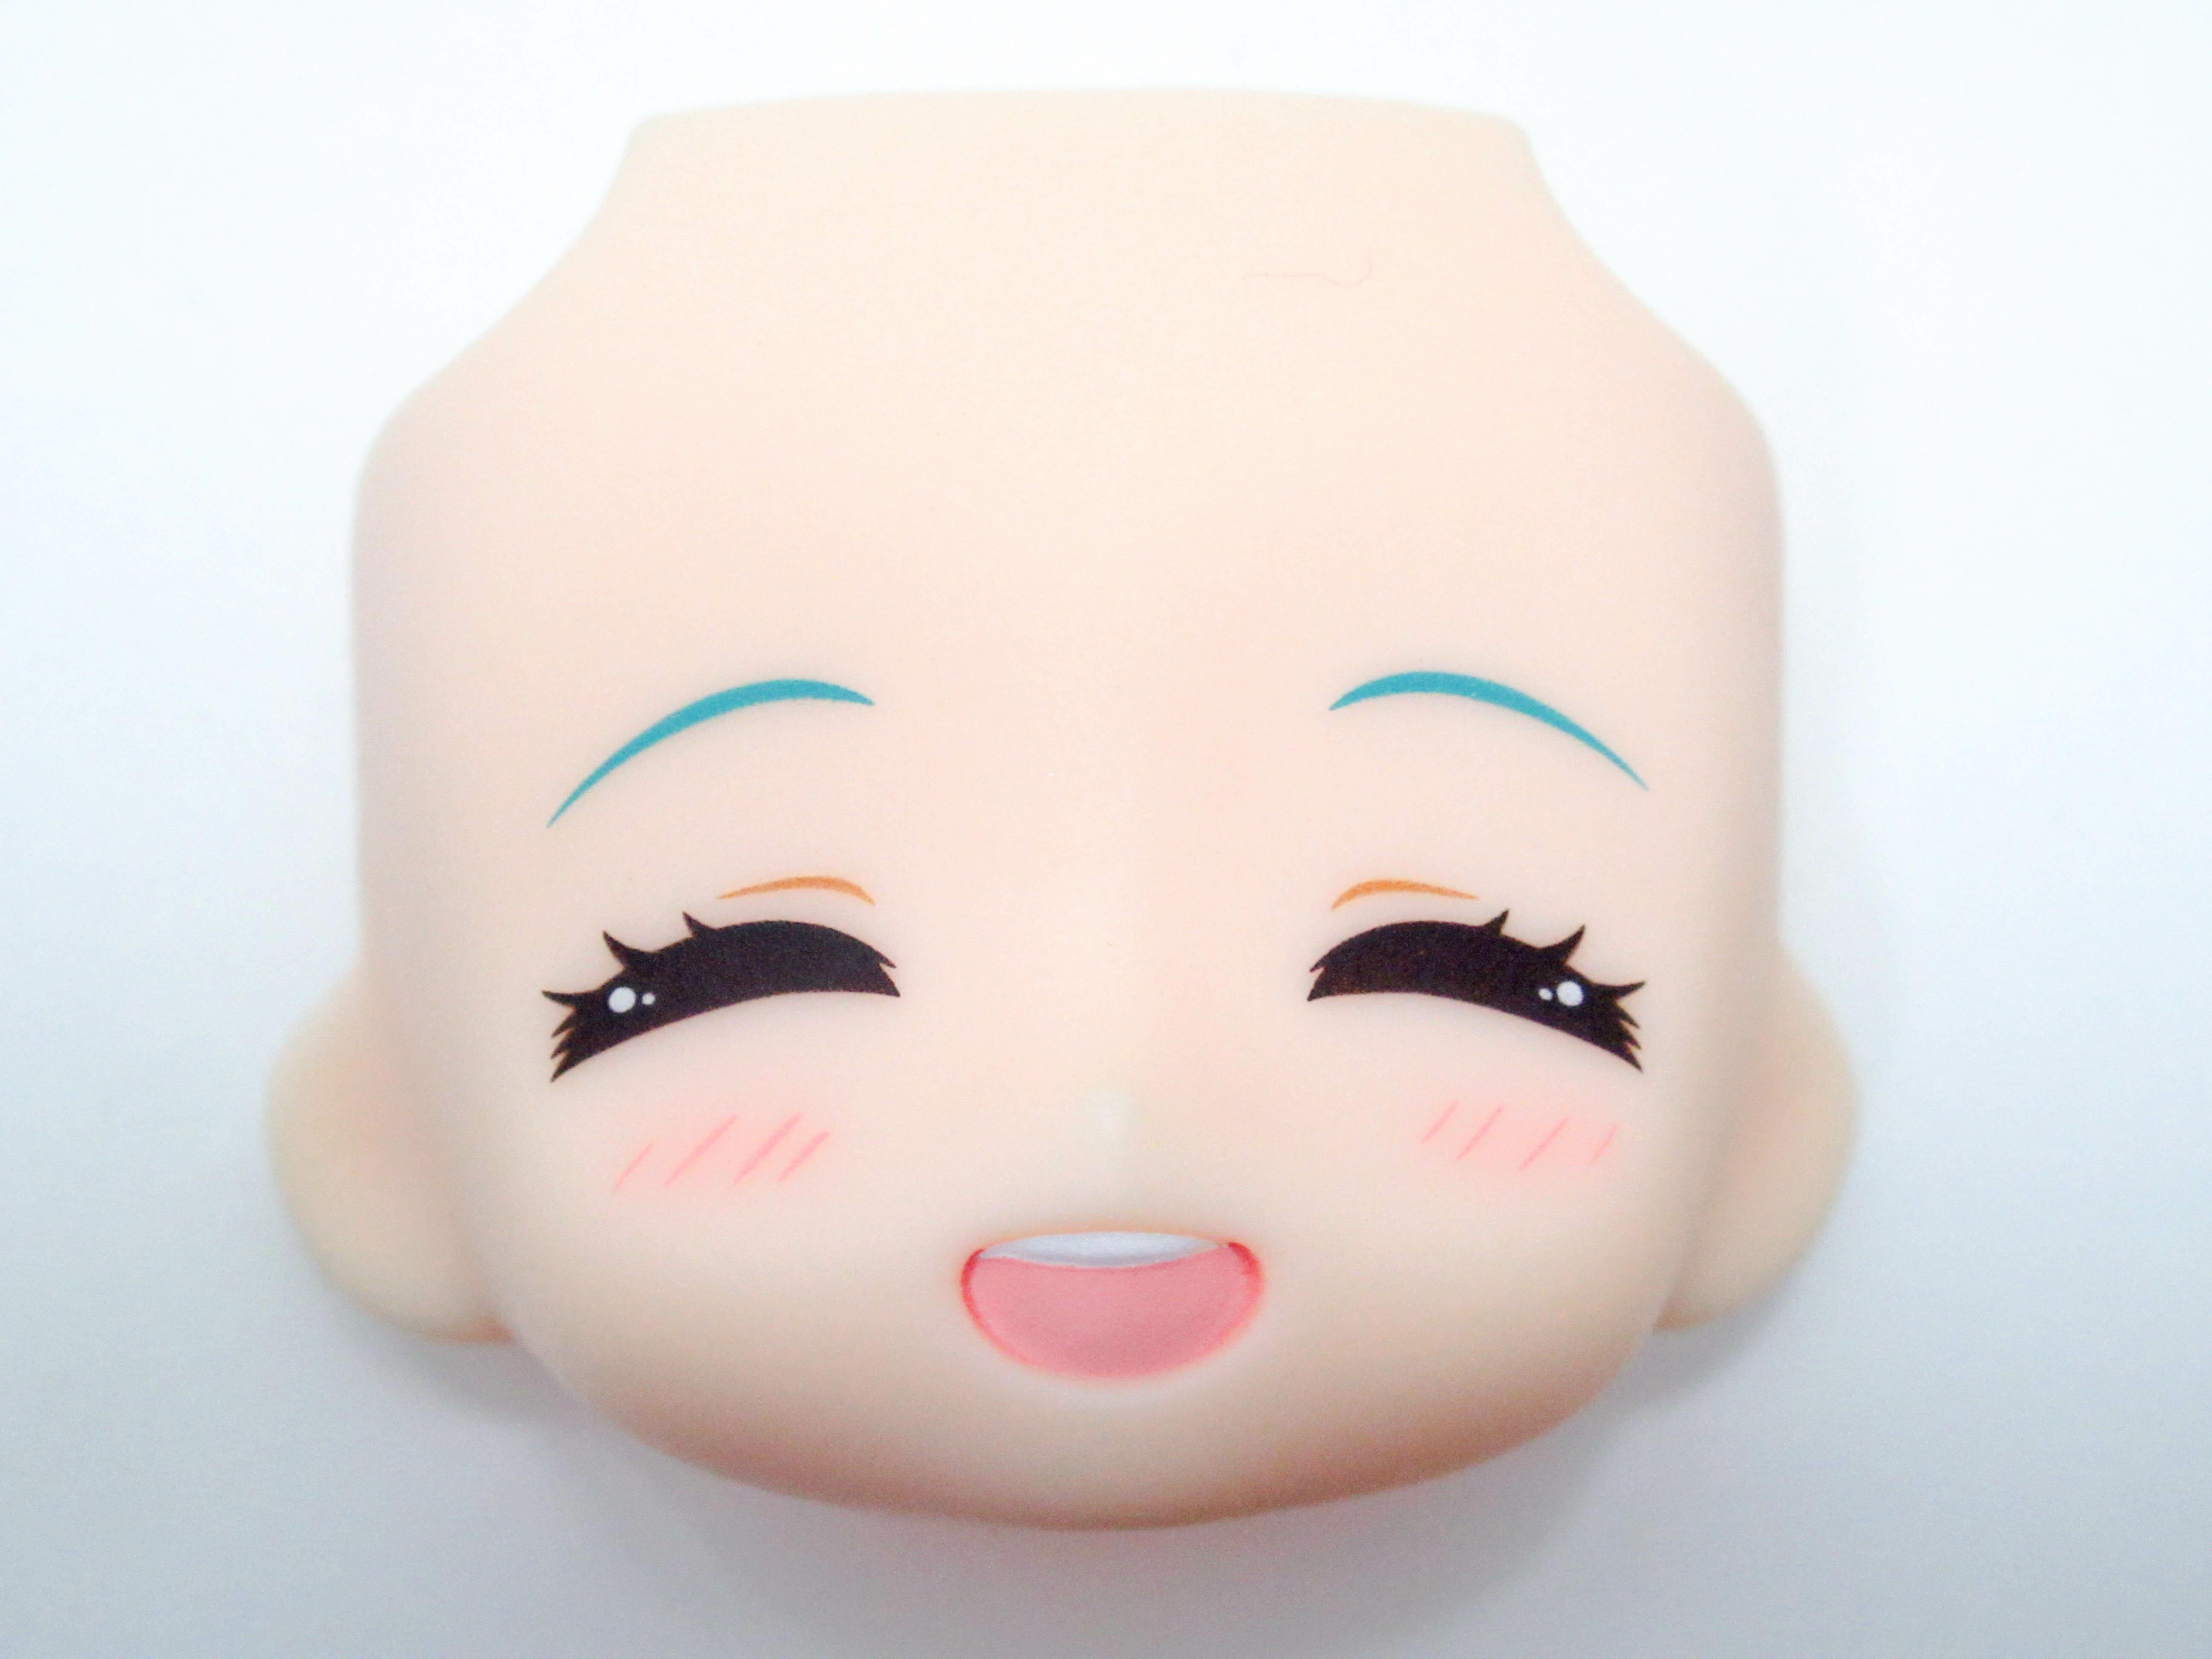 【785】 初音ミク マジカルミライ 5th Anniversary Ver. 顔パーツ 笑顔 ねんどろいど